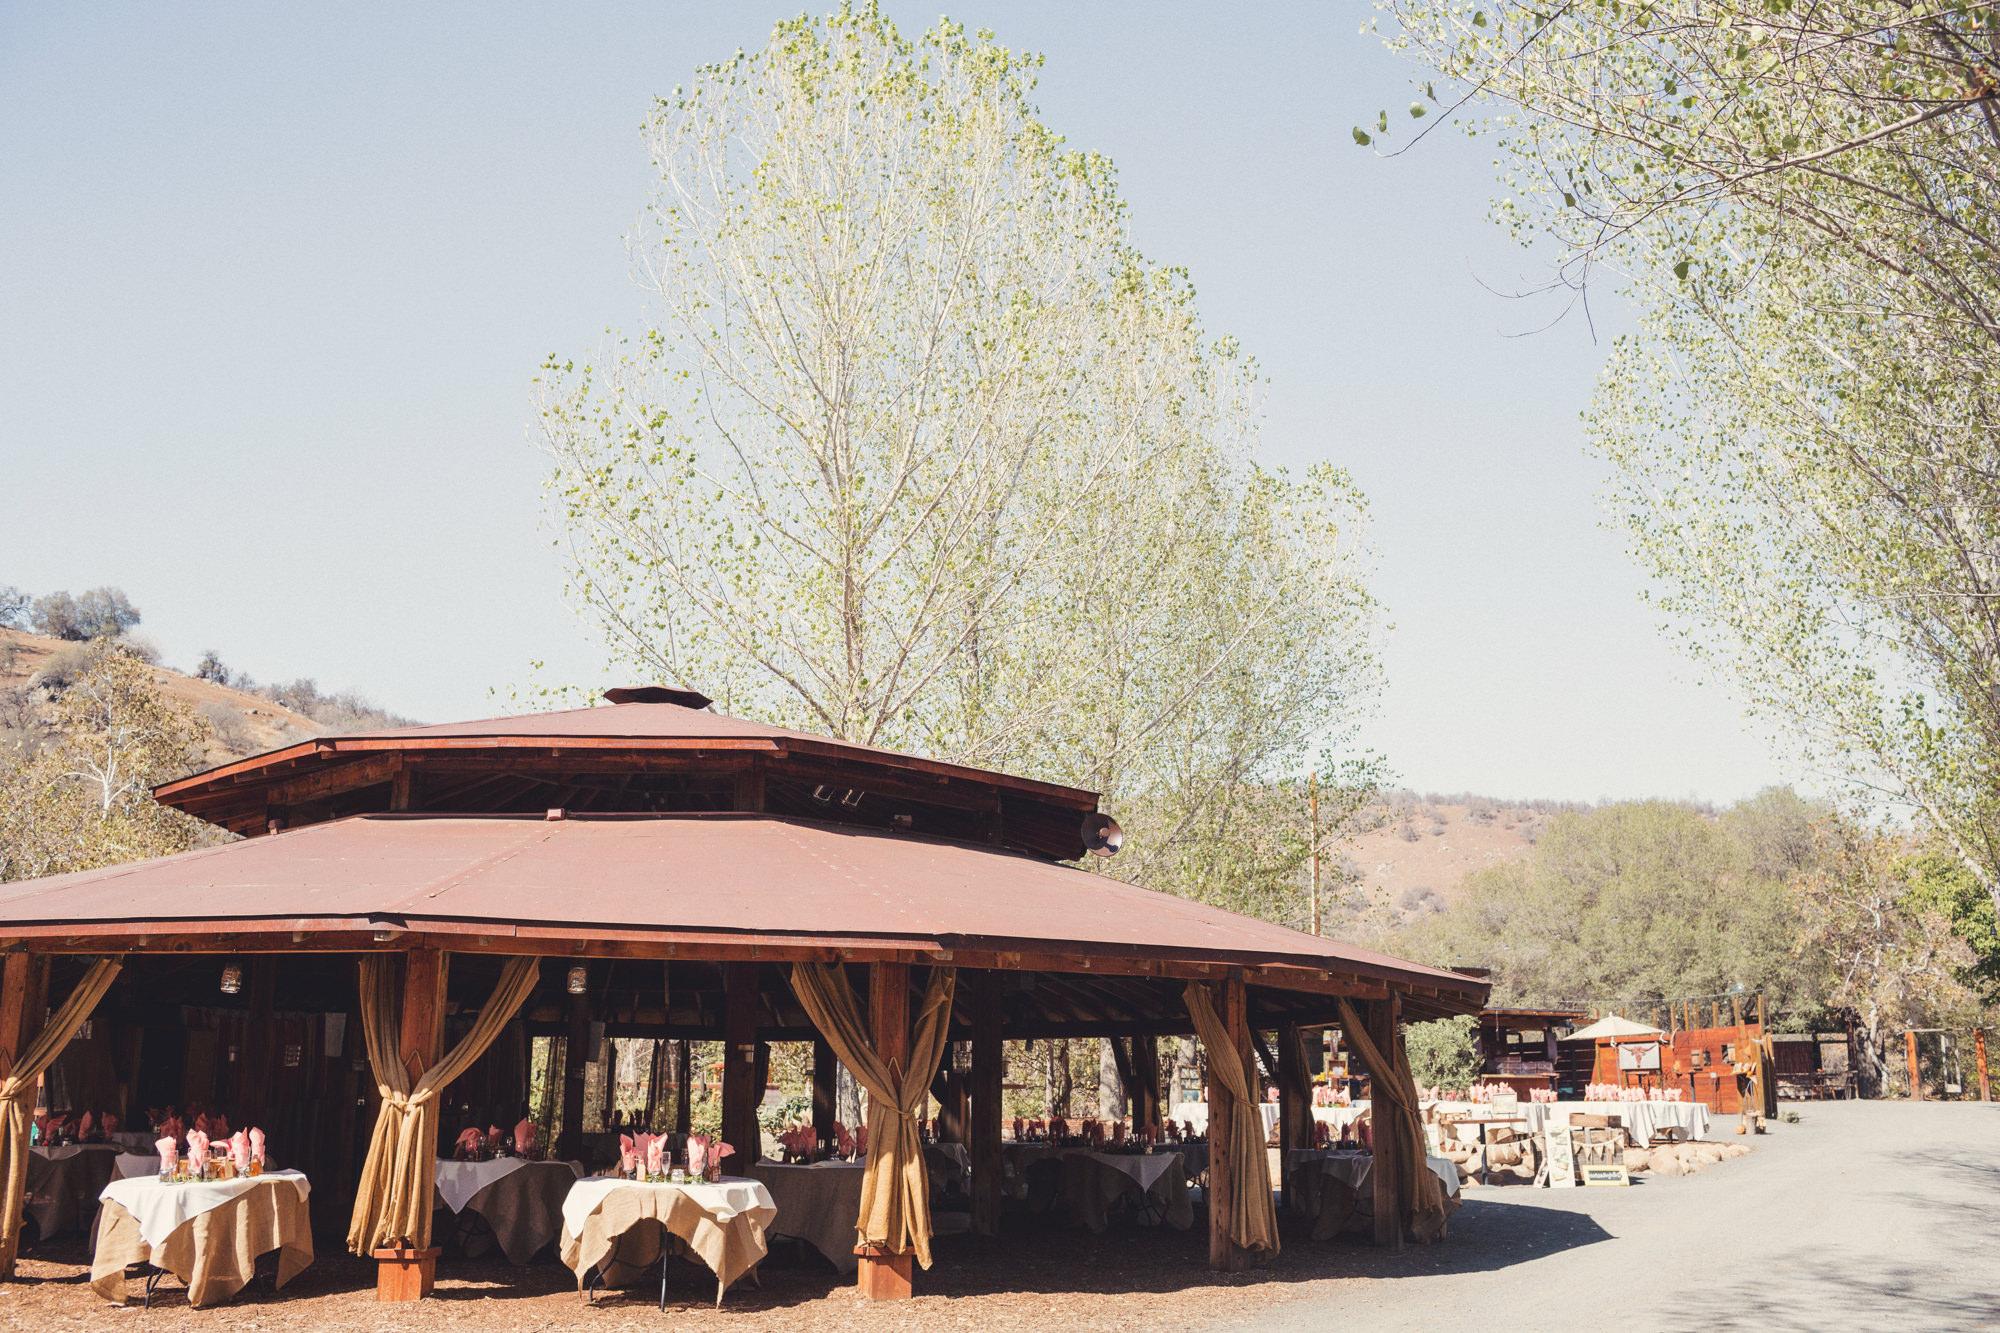 Rustic wedding in California ©Anne-Claire Brun 90